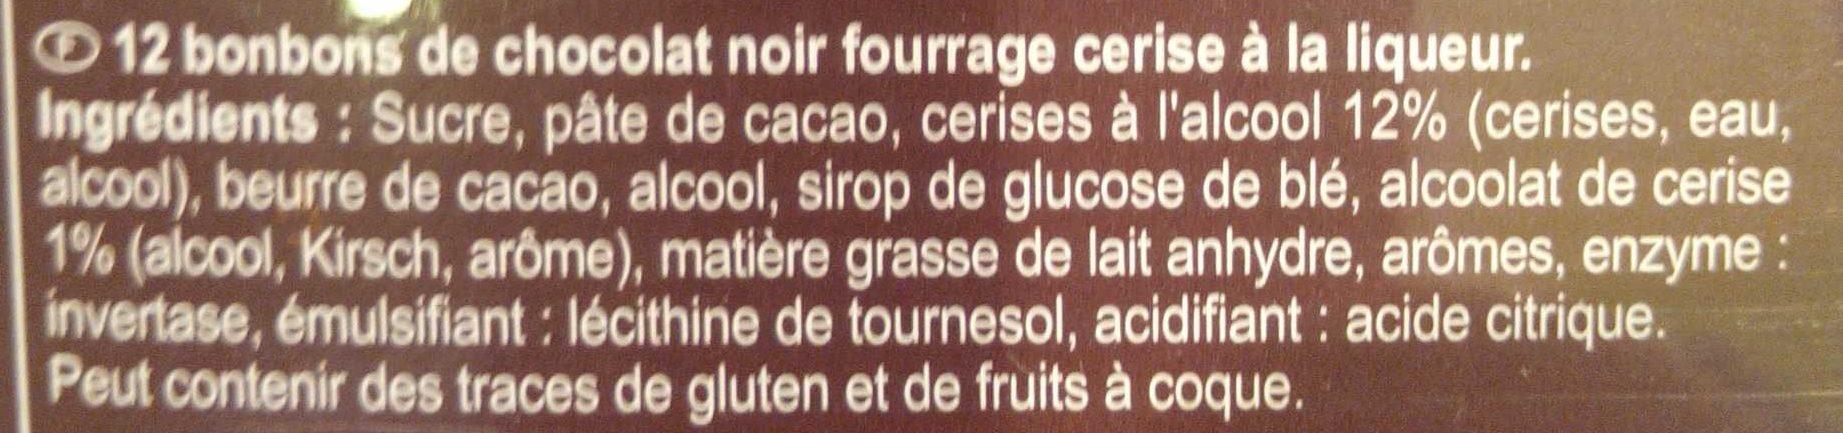 Chocolats à la liqueur - Ingredienti - fr